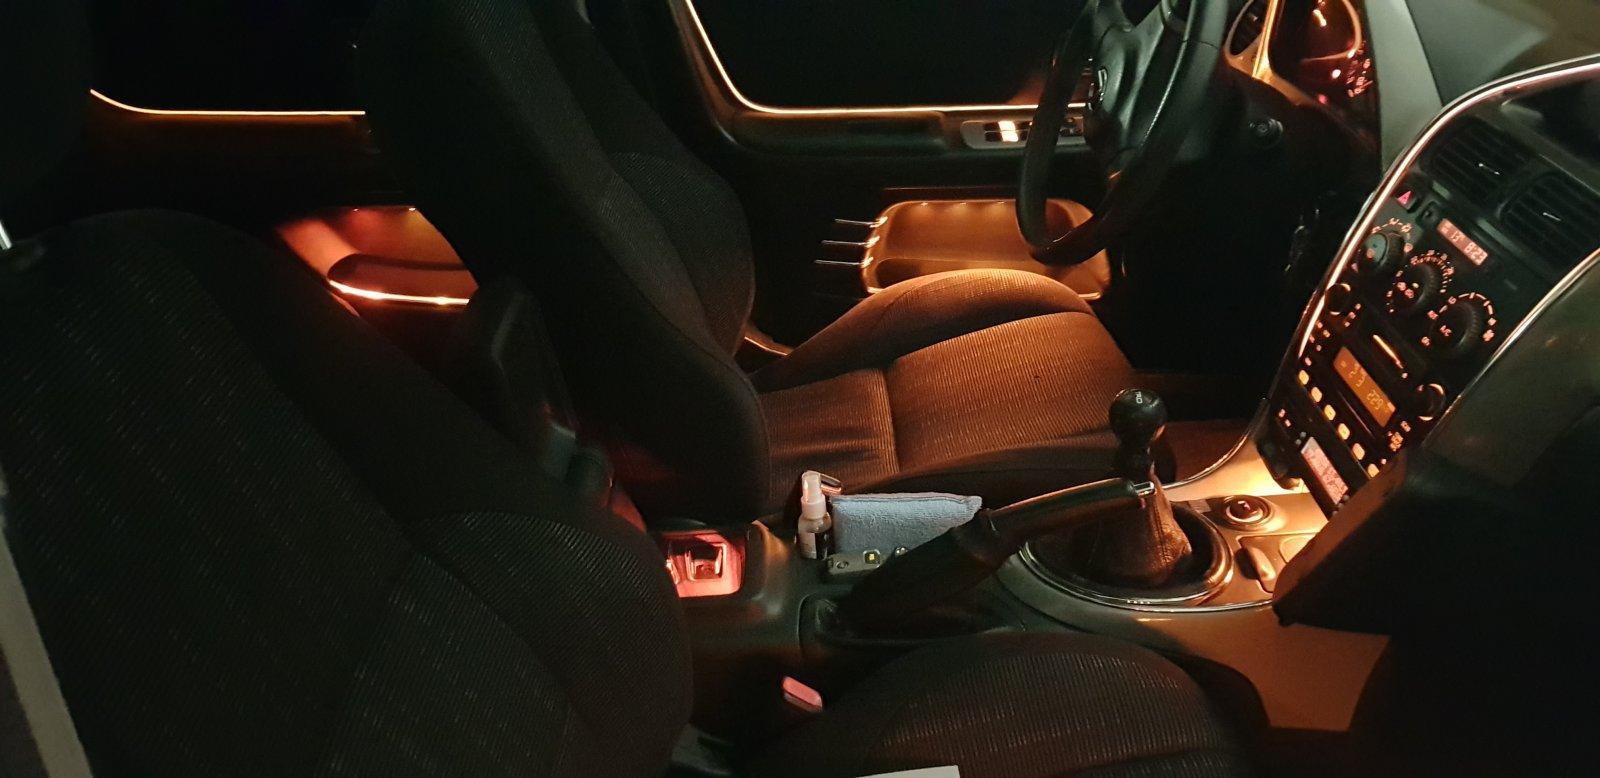 Lexus IS200 Stoffarmlehne natürlich auch beleuchtet